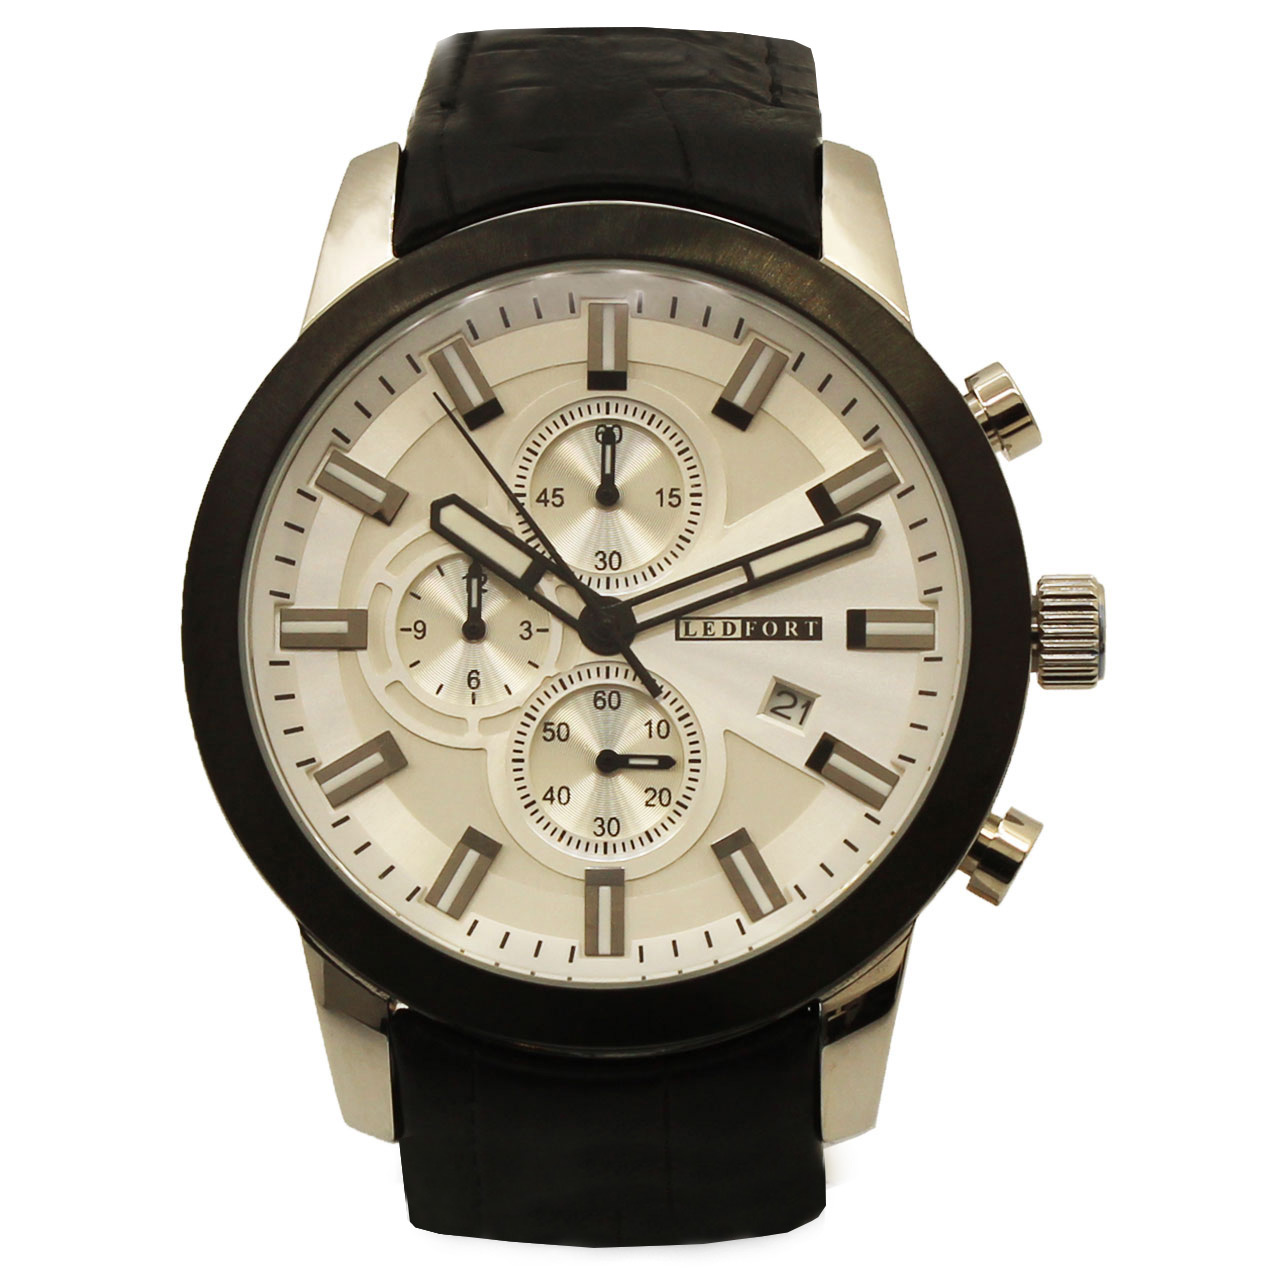 ساعت مچی عقربه ای مردانه لدفورت مدل کرنوگراف کد MK-0037